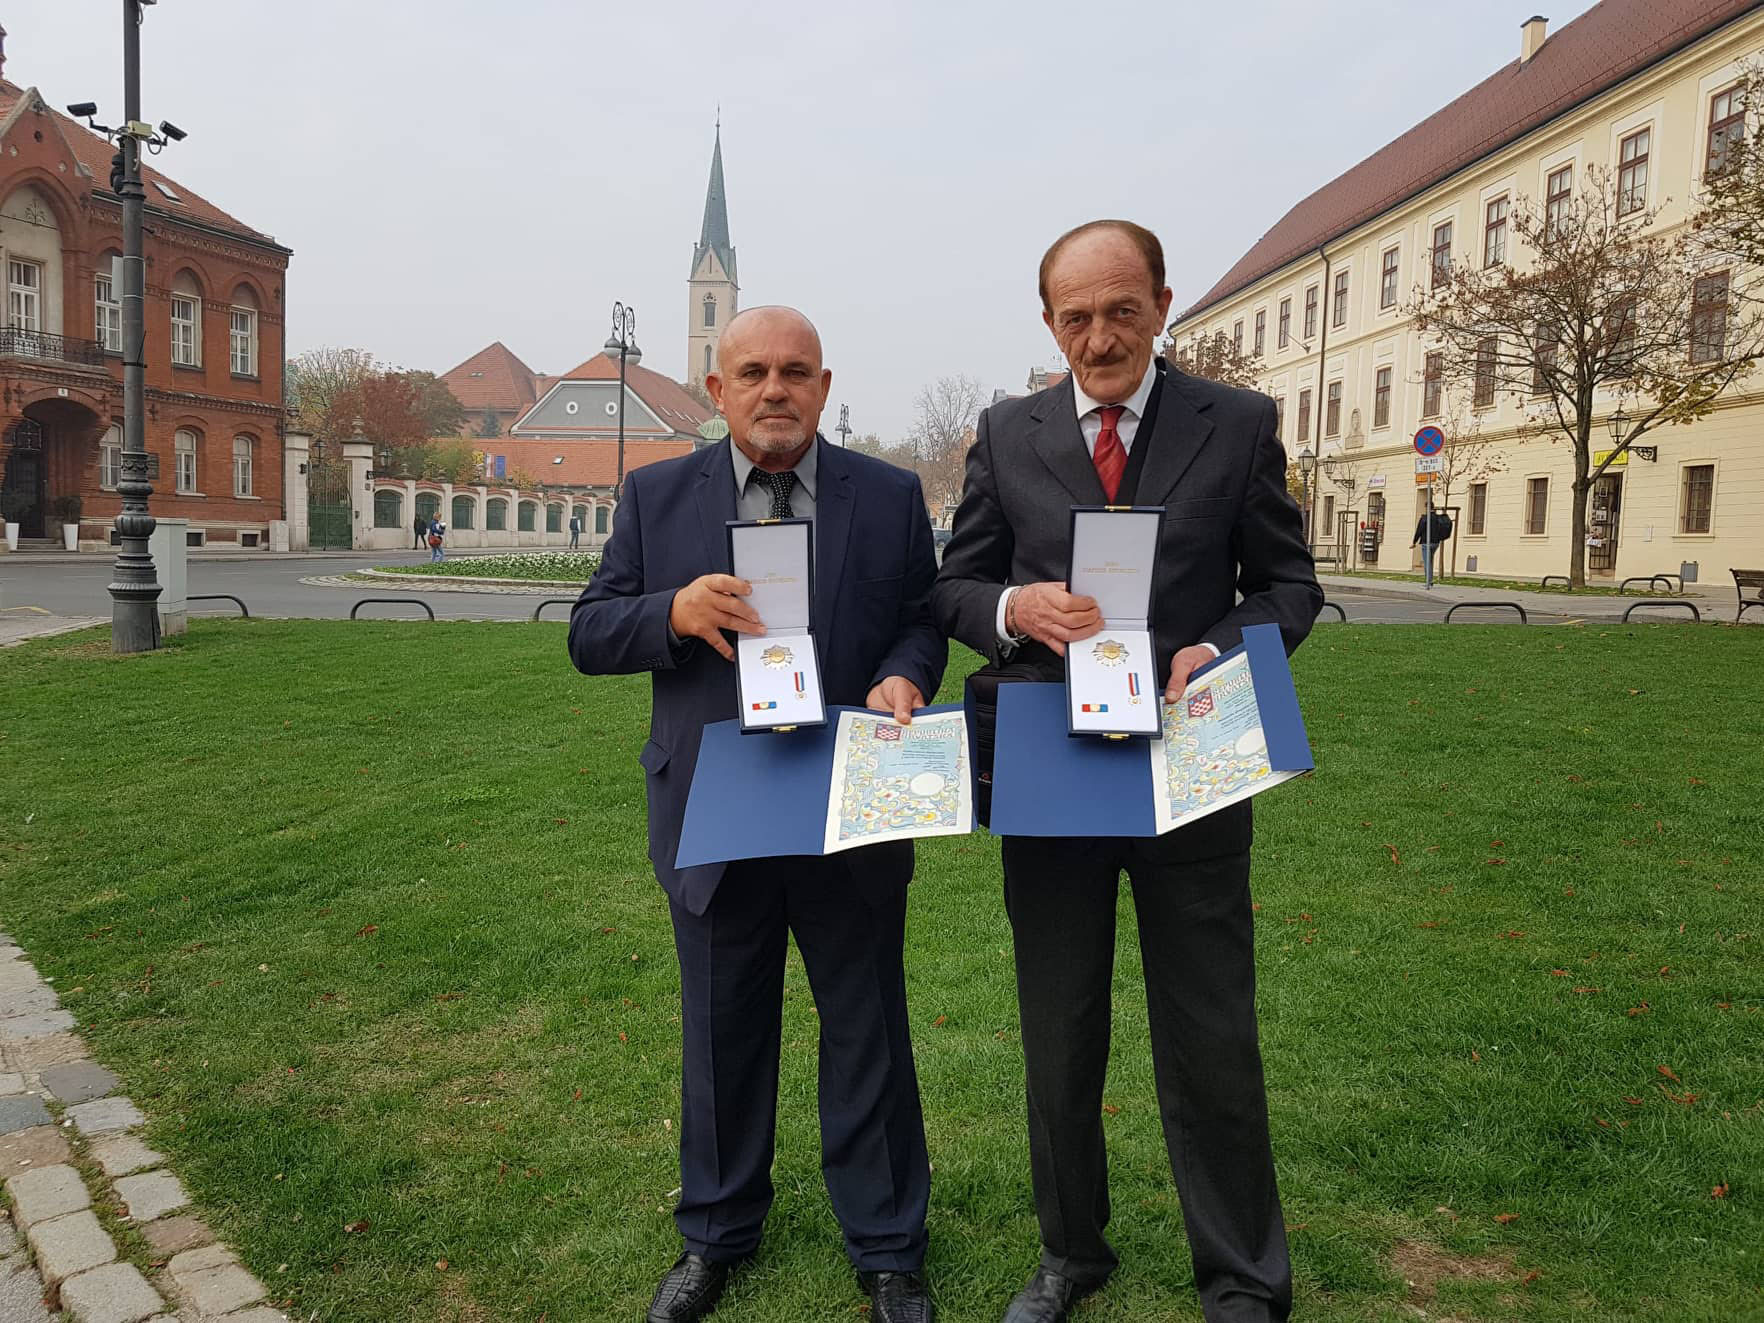 Predsjednica Republike Hrvatske odlikovala Dragutina Kraljića i Borisa Matkovića iz Umaga